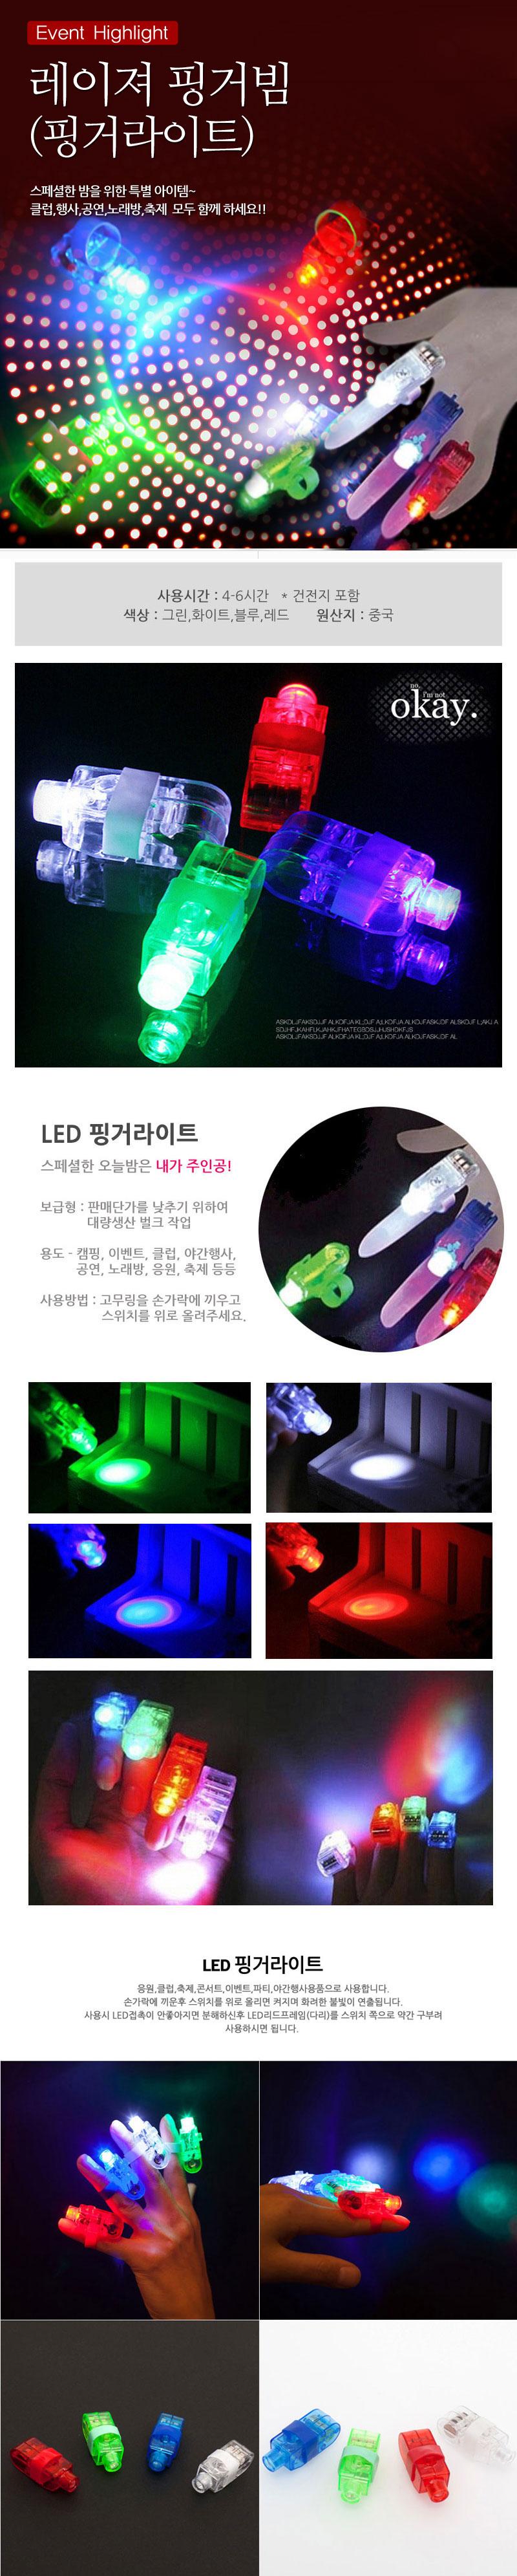 [파티용품] LED 핑거 라이트-레이져 핑거빔 (랜덤 색상 발송)